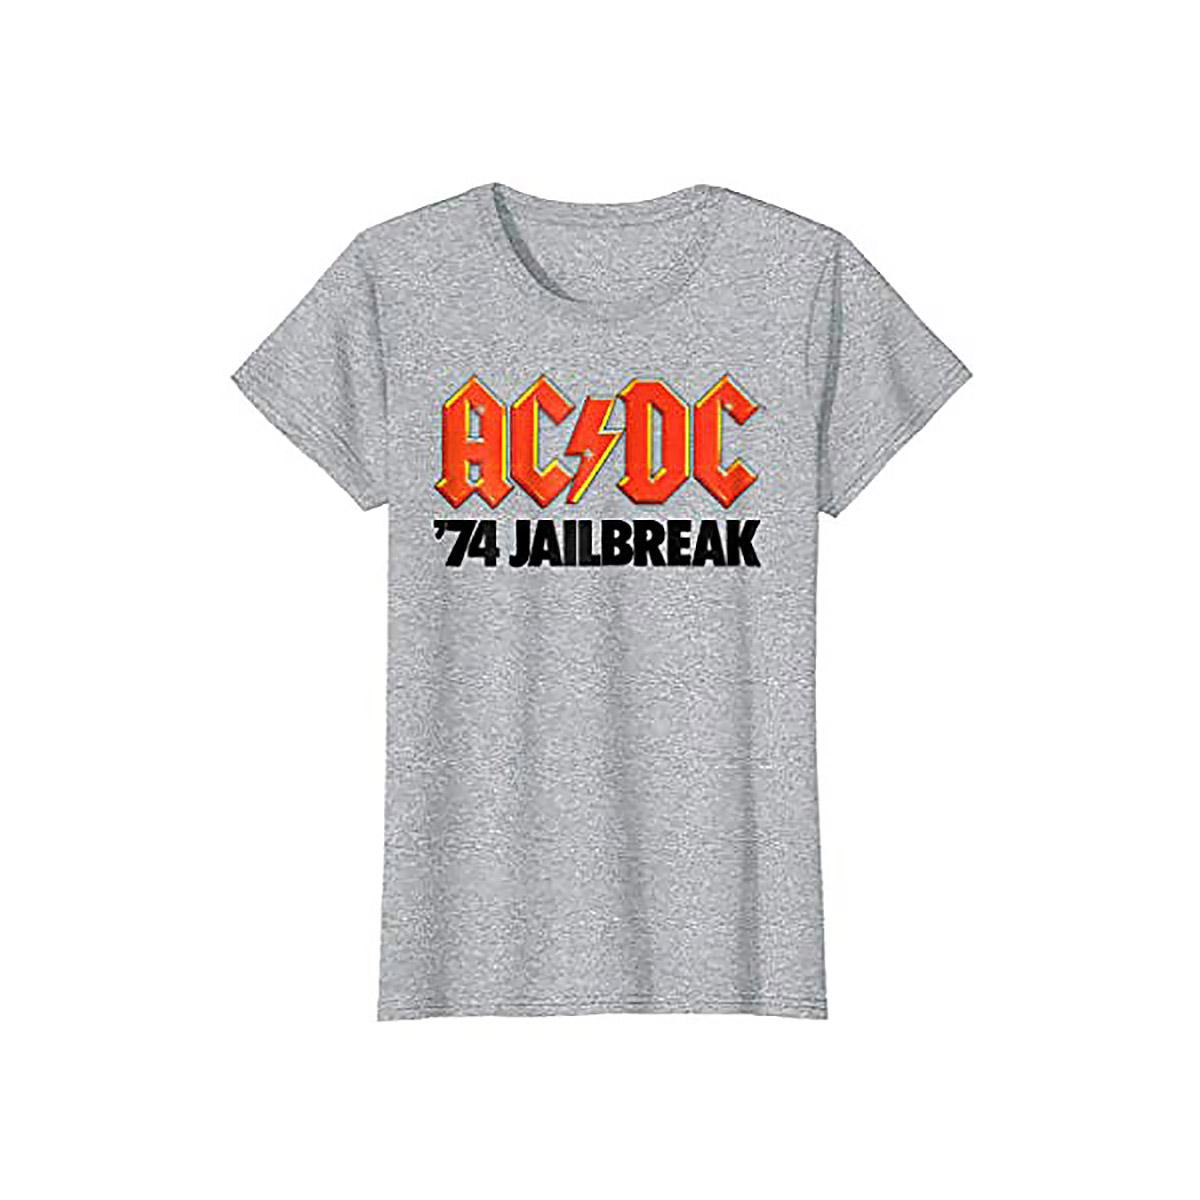 Women's Jailbreak T-shirt